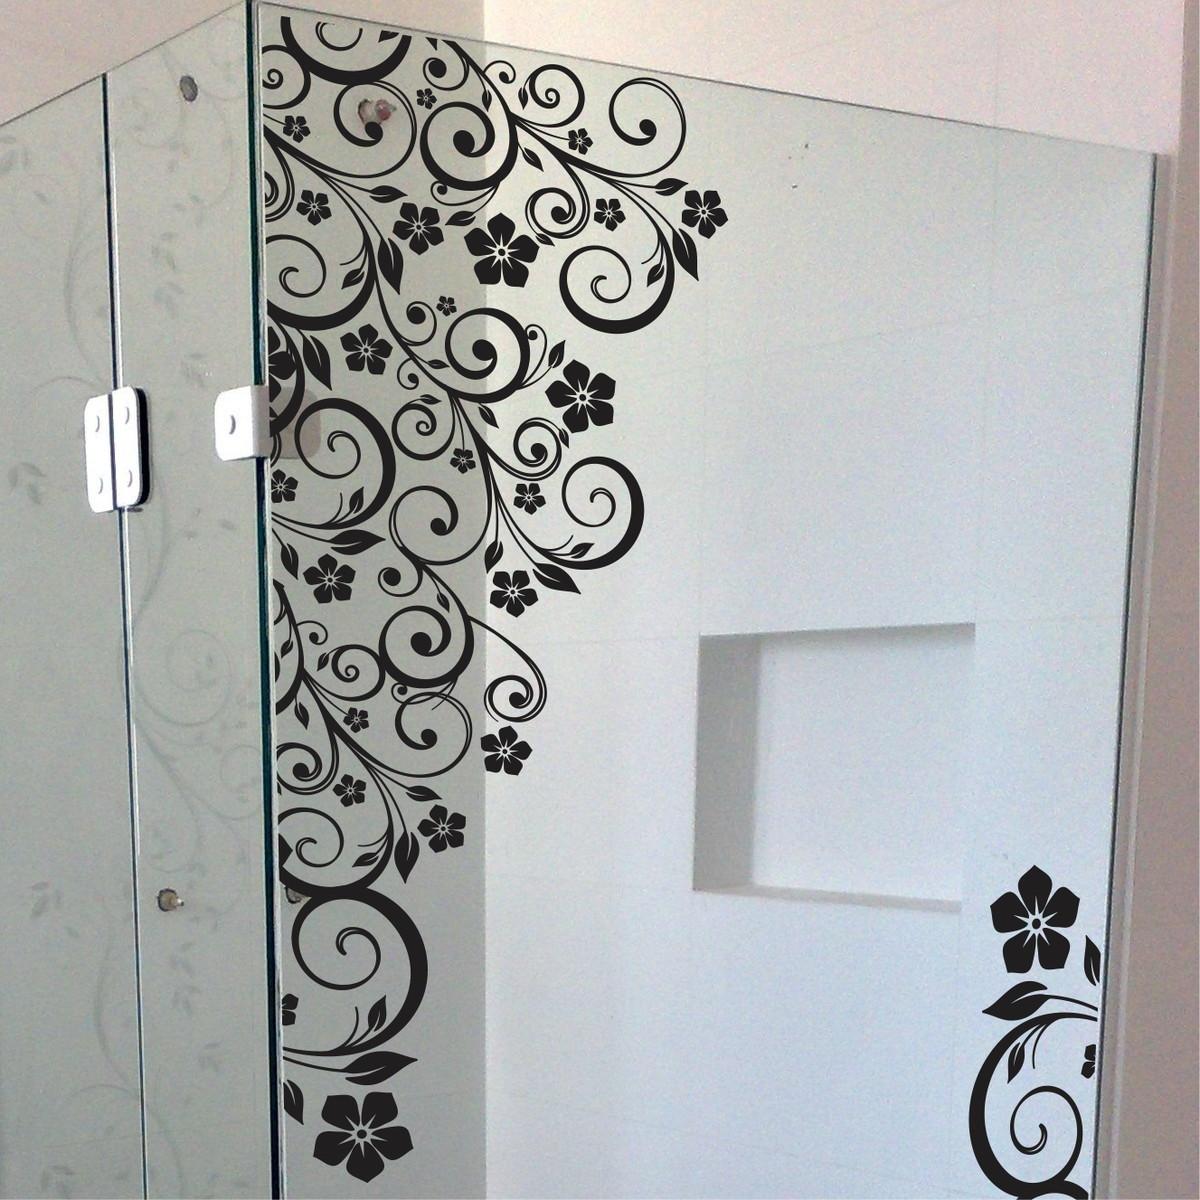 adesivo box banheiro floral blindex adesivos box adesivo box banheiro  #4E5C5F 1200x1200 Adesivo Box Banheiro Curitiba